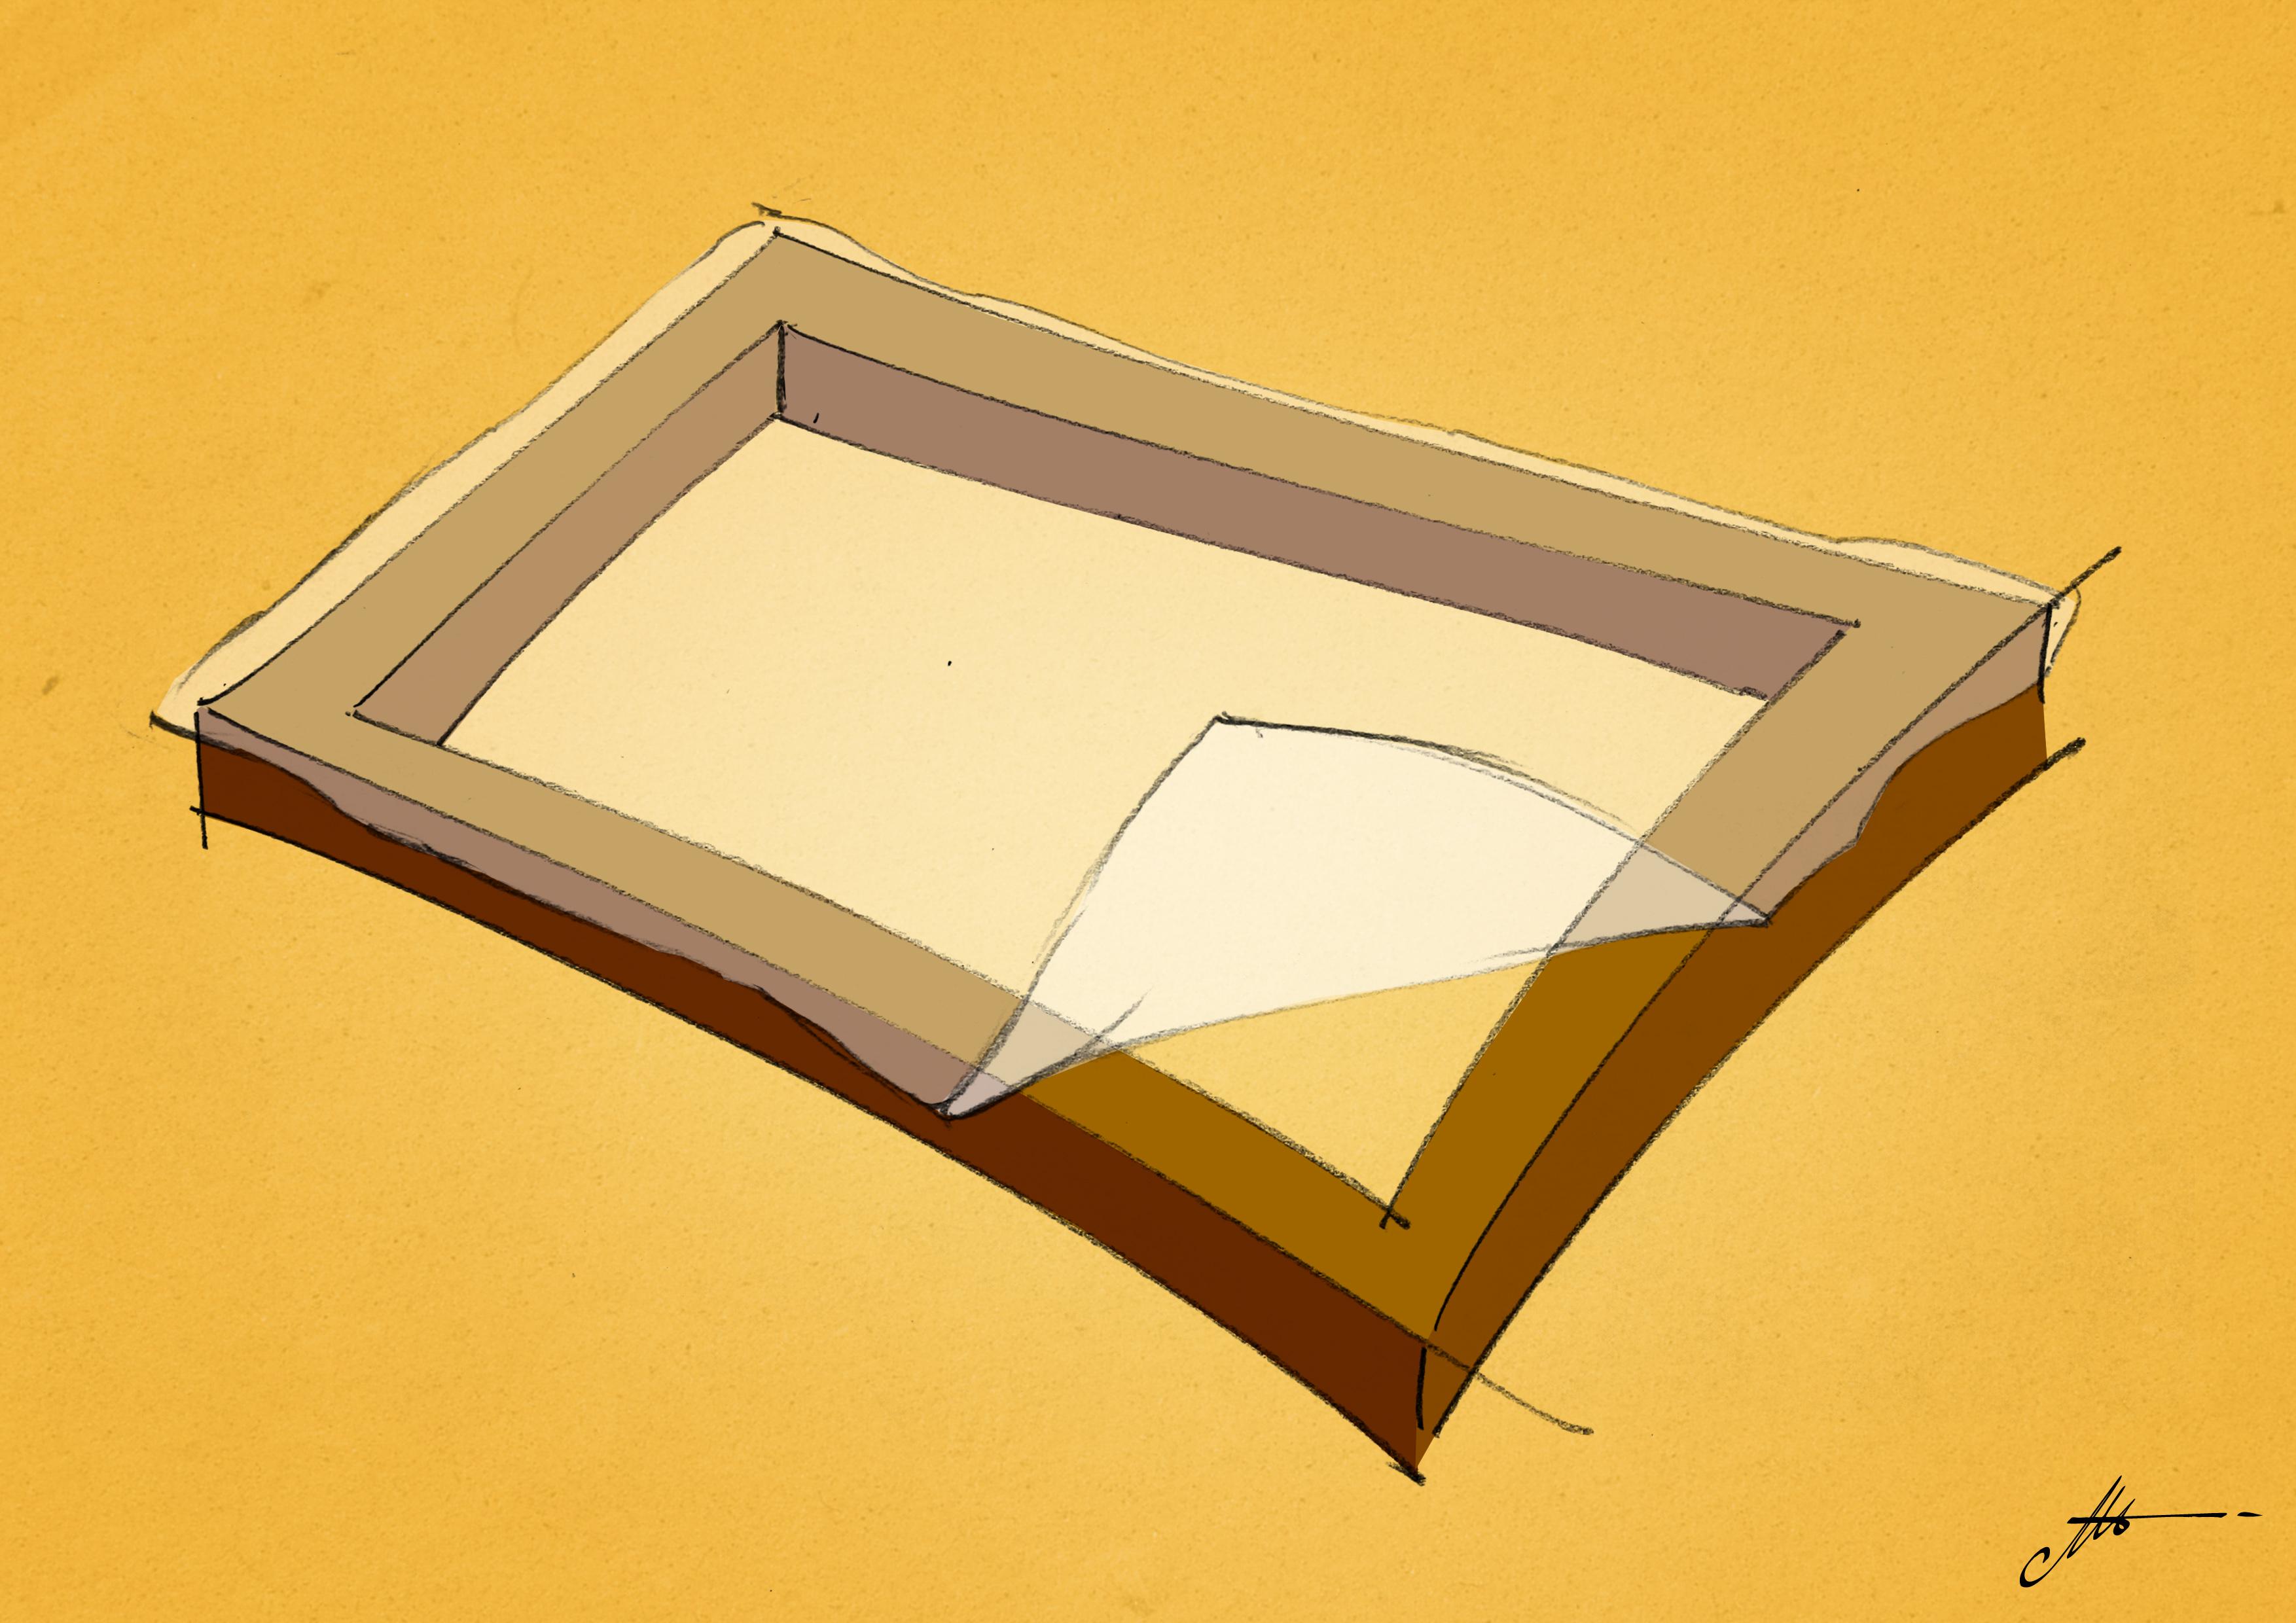 fixer le tissu à l'écran de sérigraphie